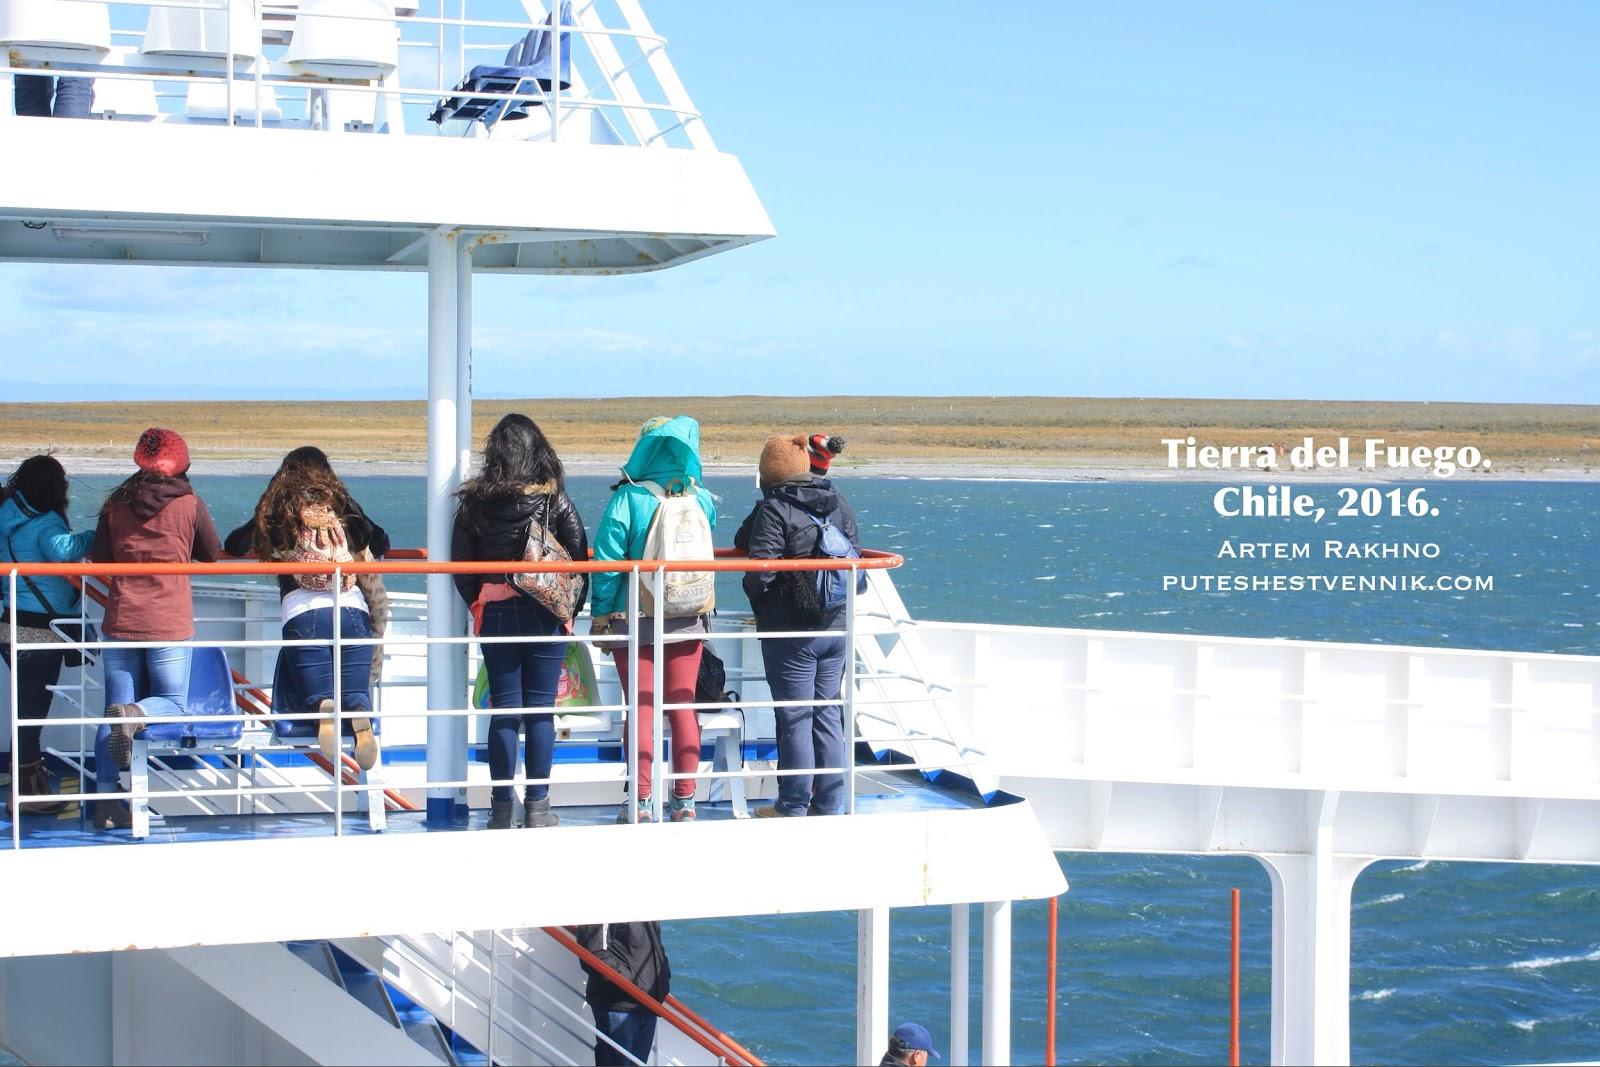 Пассажиры парома из Пунта-Аренас в Порвенир